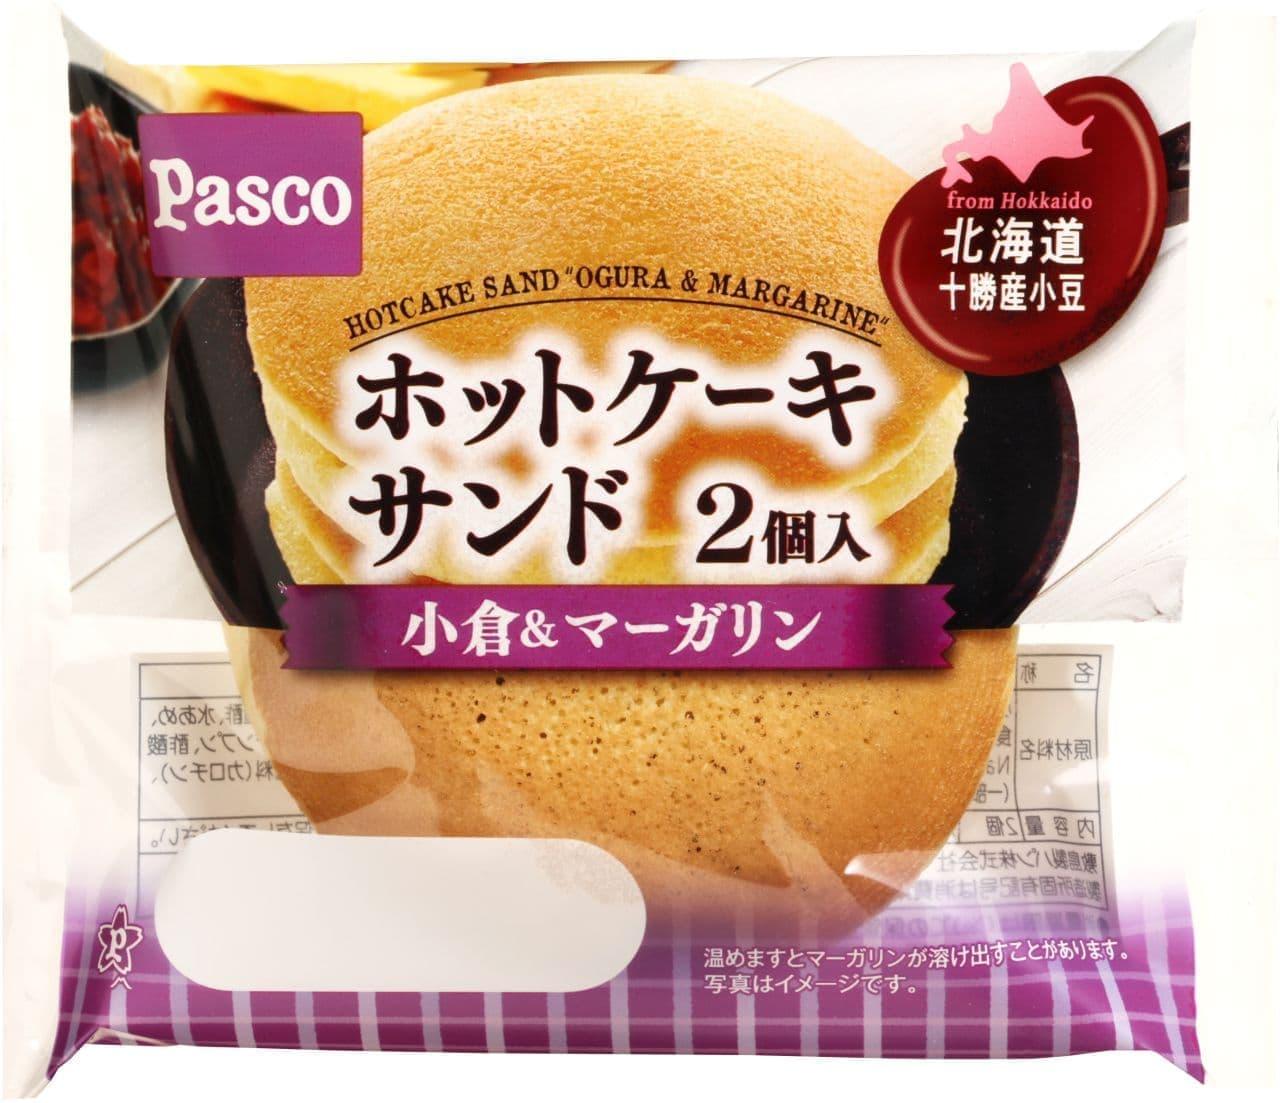 パスコ「ホットケーキサンド 小倉&マーガリン 2個入」